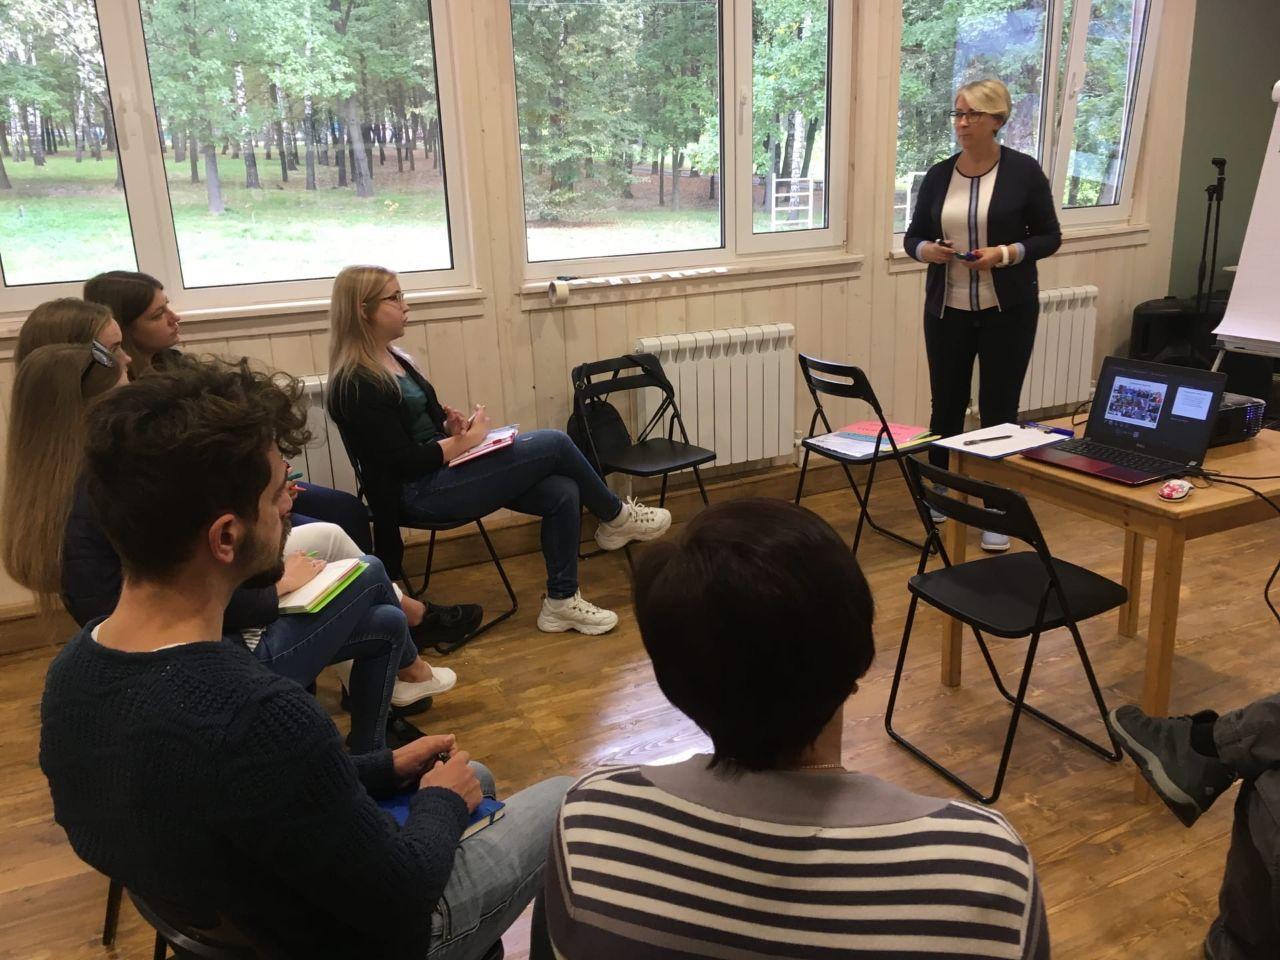 Команда Ресурсного центра «Радимичи» проводит семинары по социальному проектированию